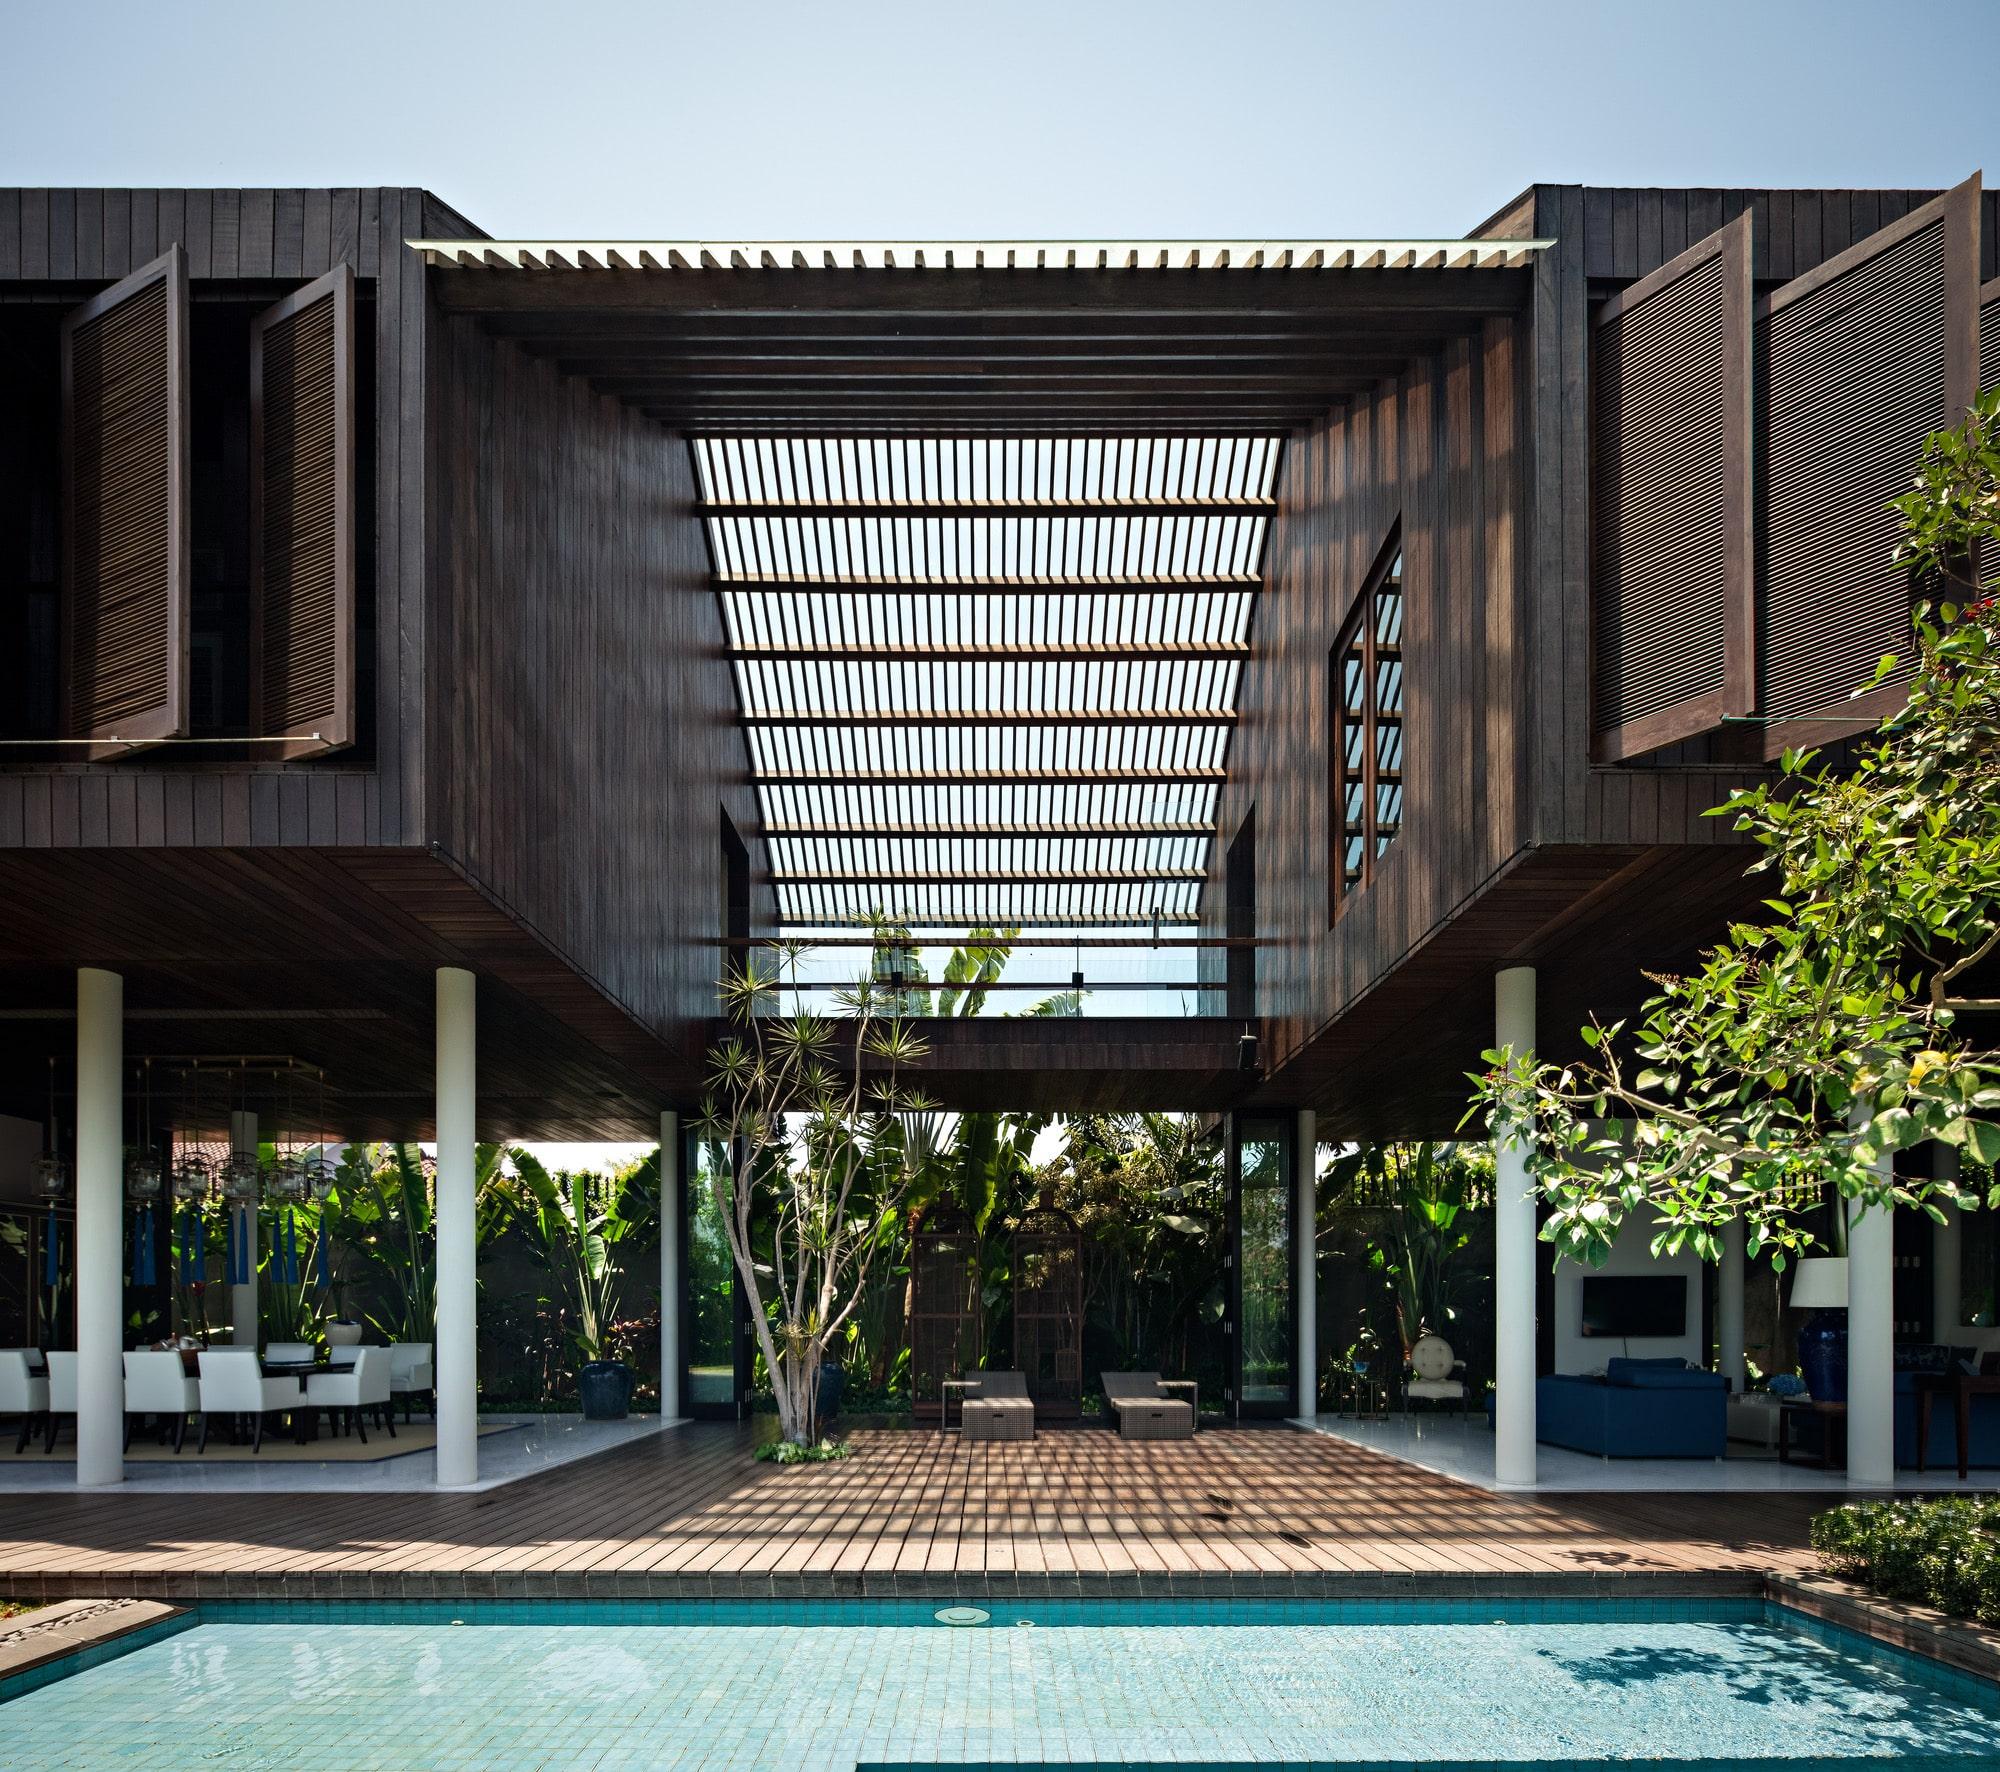 45 Contoh Desain Rumah Bali Terbaru Tradisional